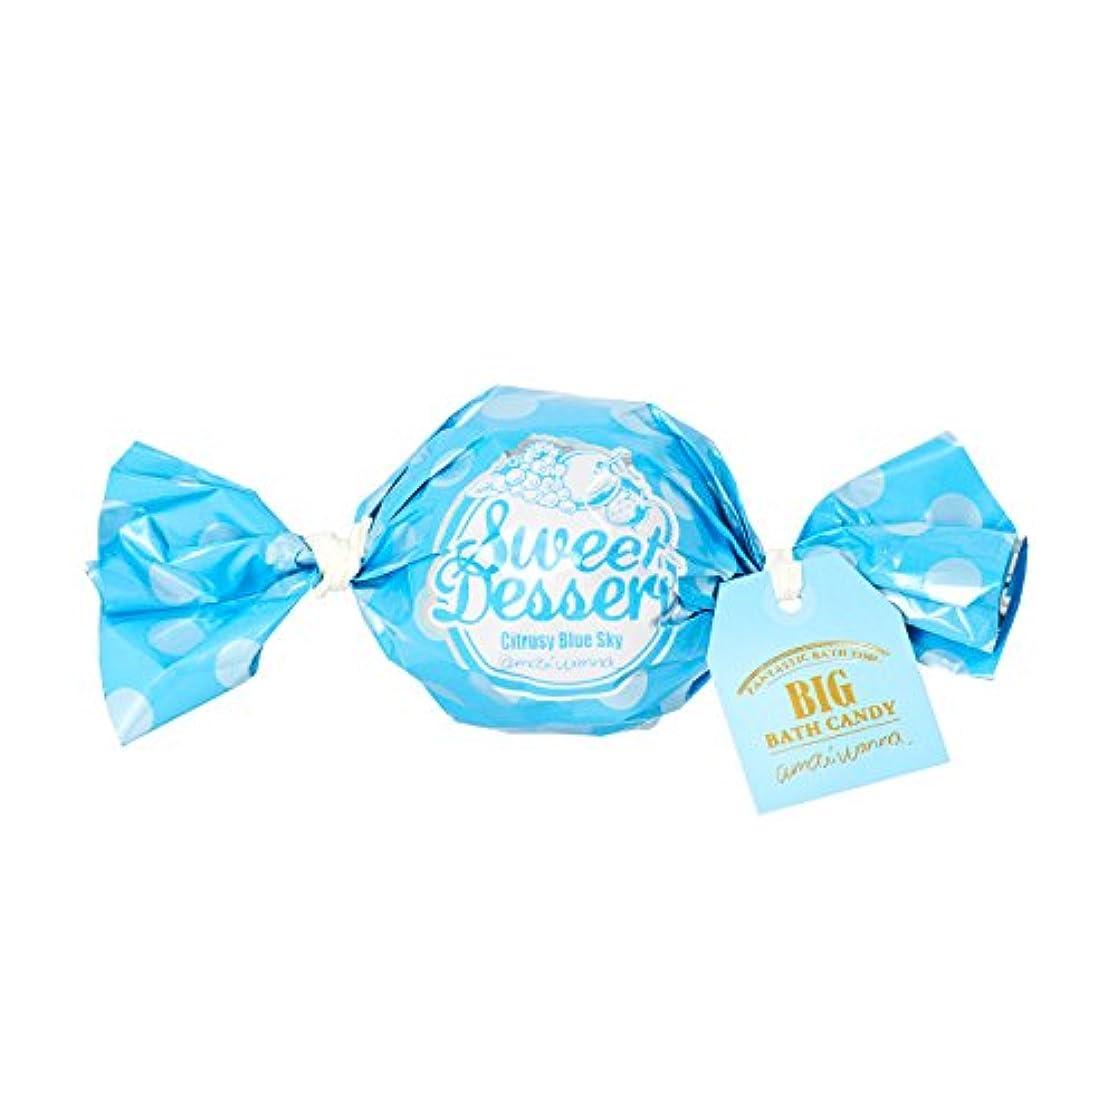 バラバラにする照らす一月アマイワナ ビッグバスキャンディー 青空シトラス 100g(発泡タイプ入浴料 おおらかで凛としたシトラスの香り)